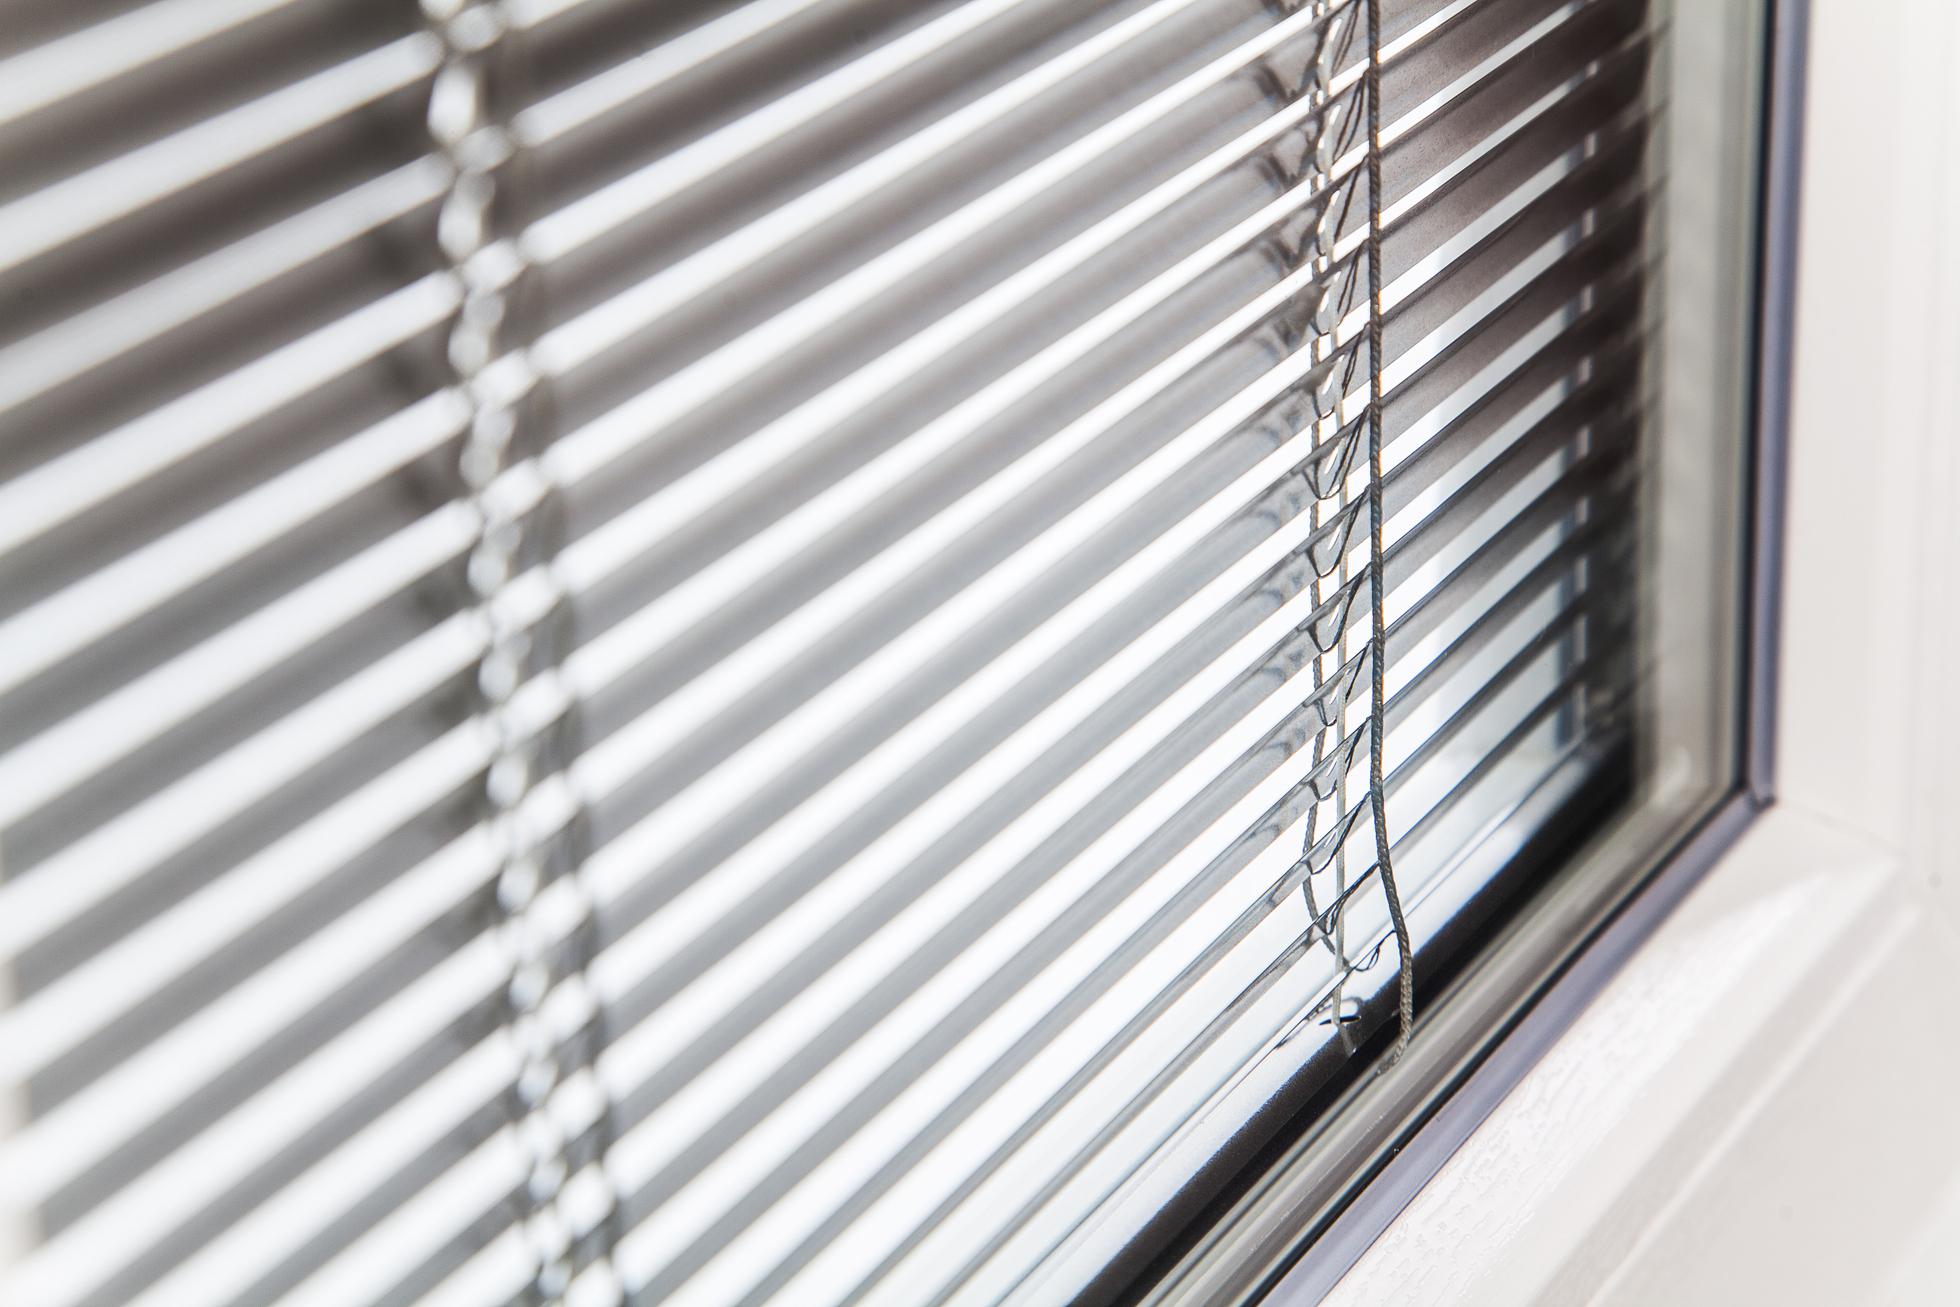 Veneziane e tende interno vetro okna samoraj porte e for Veneziane interno vetro pellini